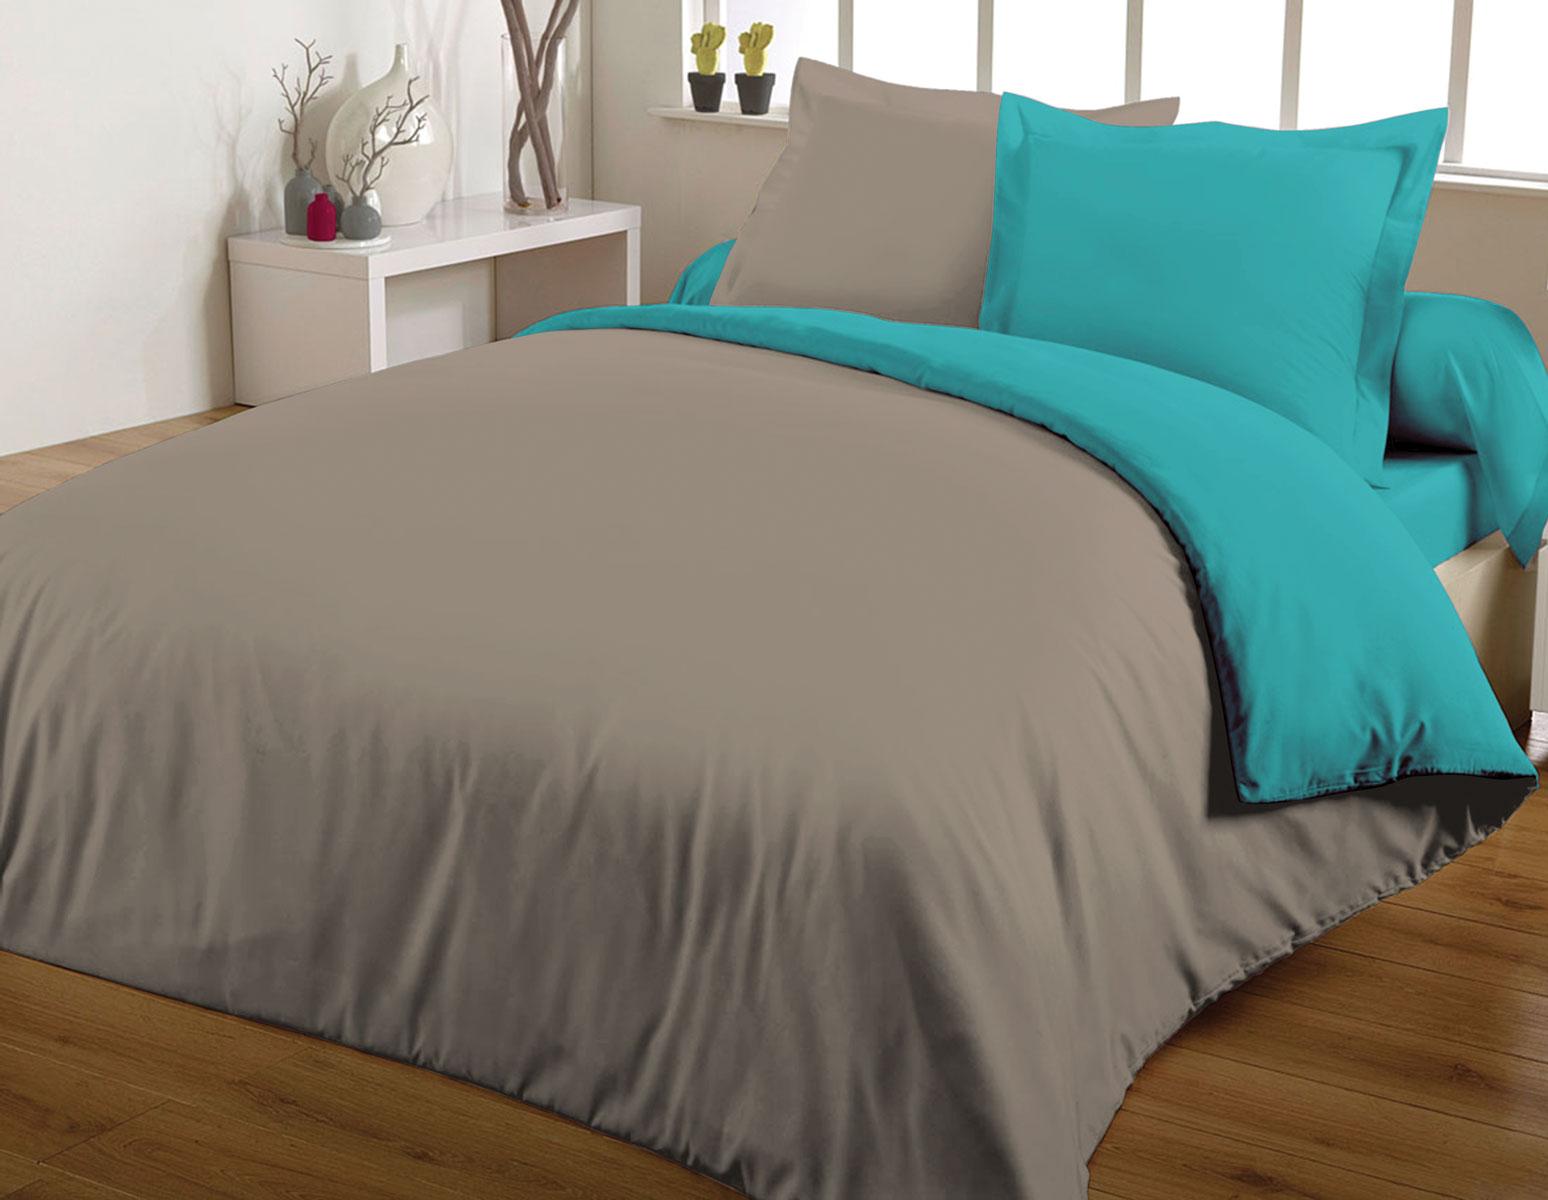 Parure de couette 100% coton 260x240 turquoise/taupe